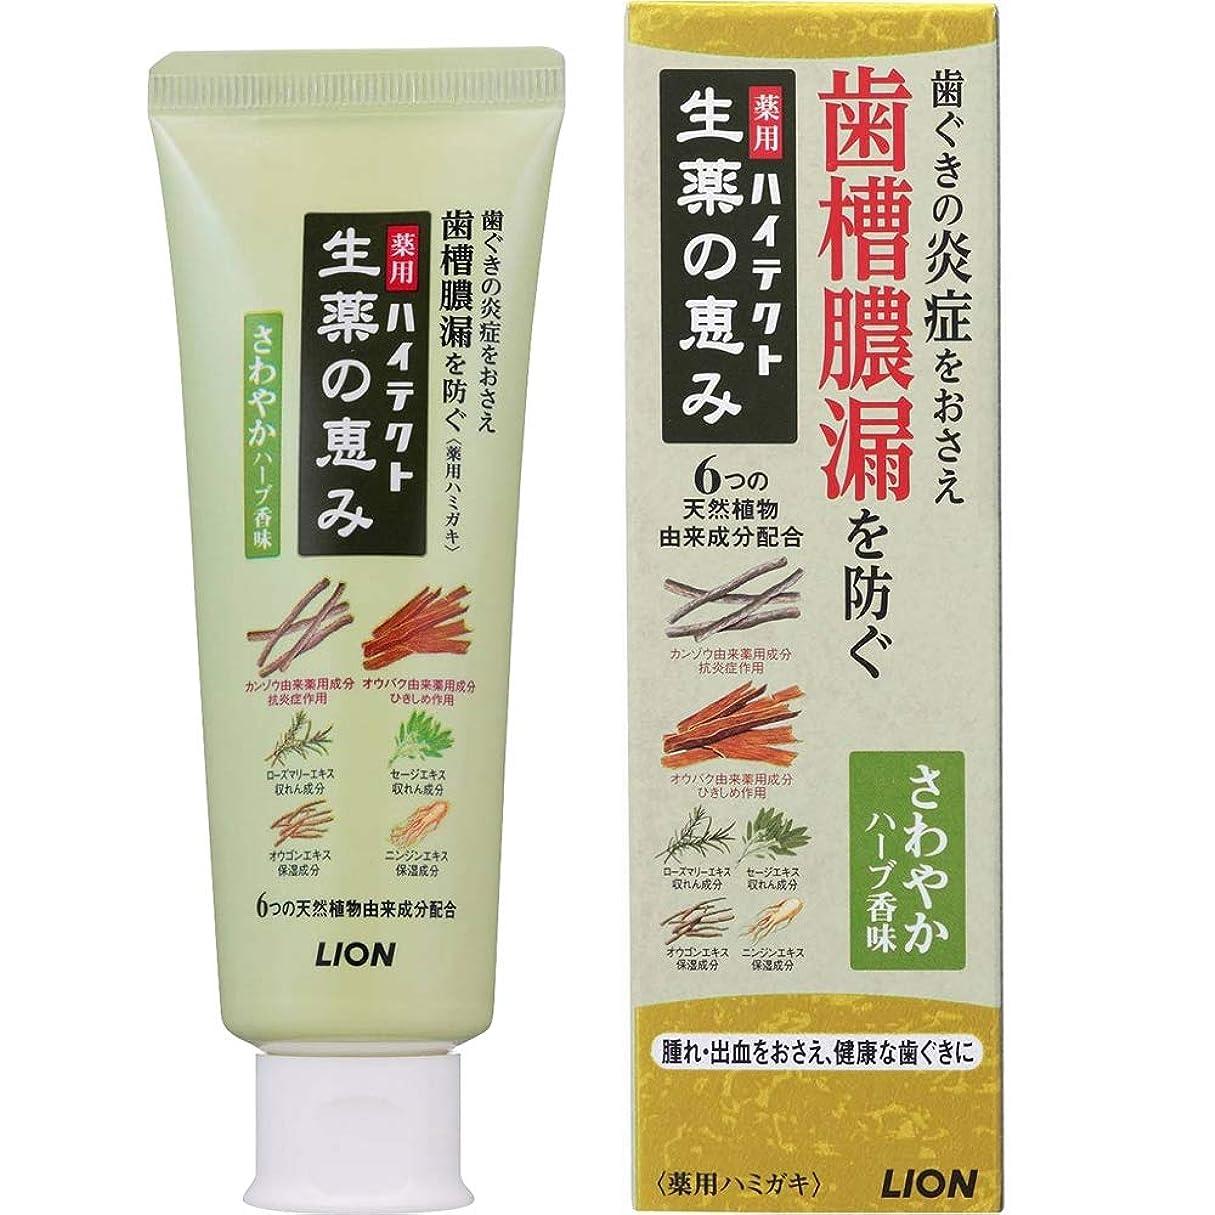 スパン鉄不可能な薬用ハイテクト生薬の恵み さわやかハーブ香味 90g